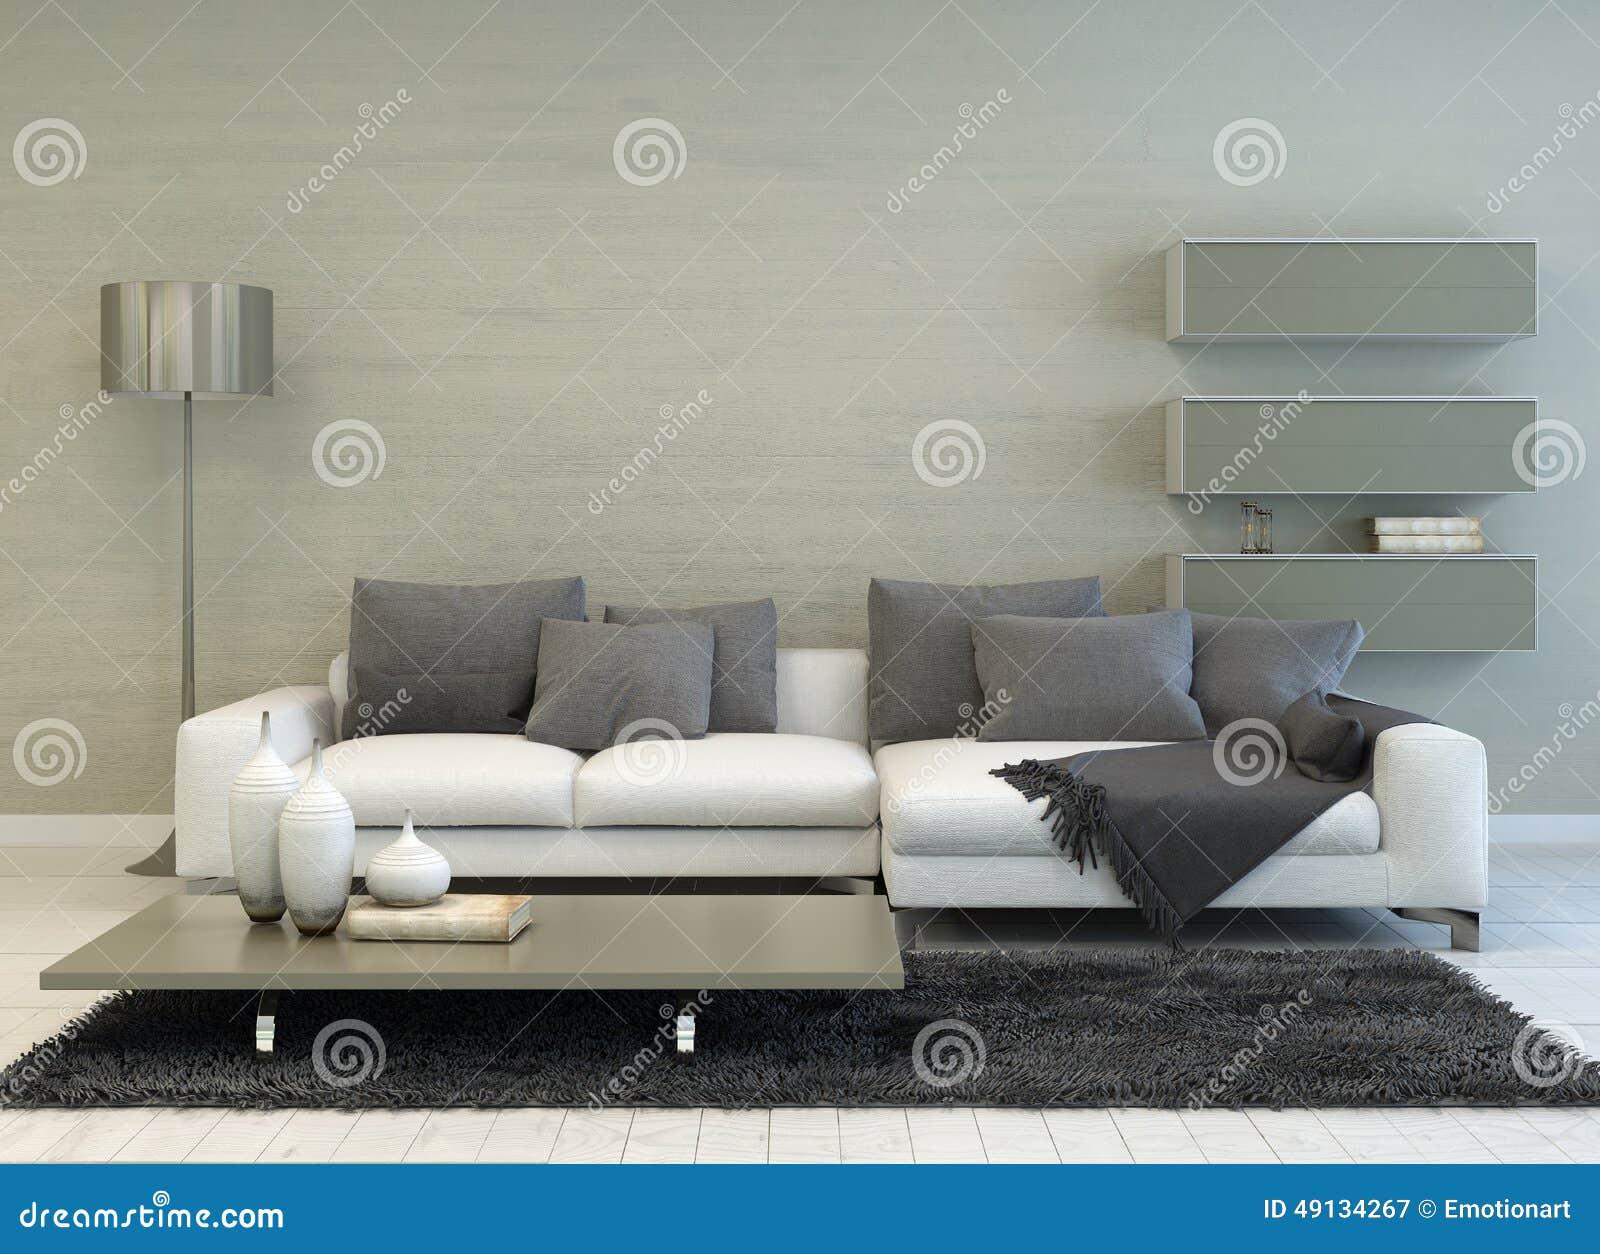 Grijze en witte woonkamer met modern meubilair stock illustratie ...